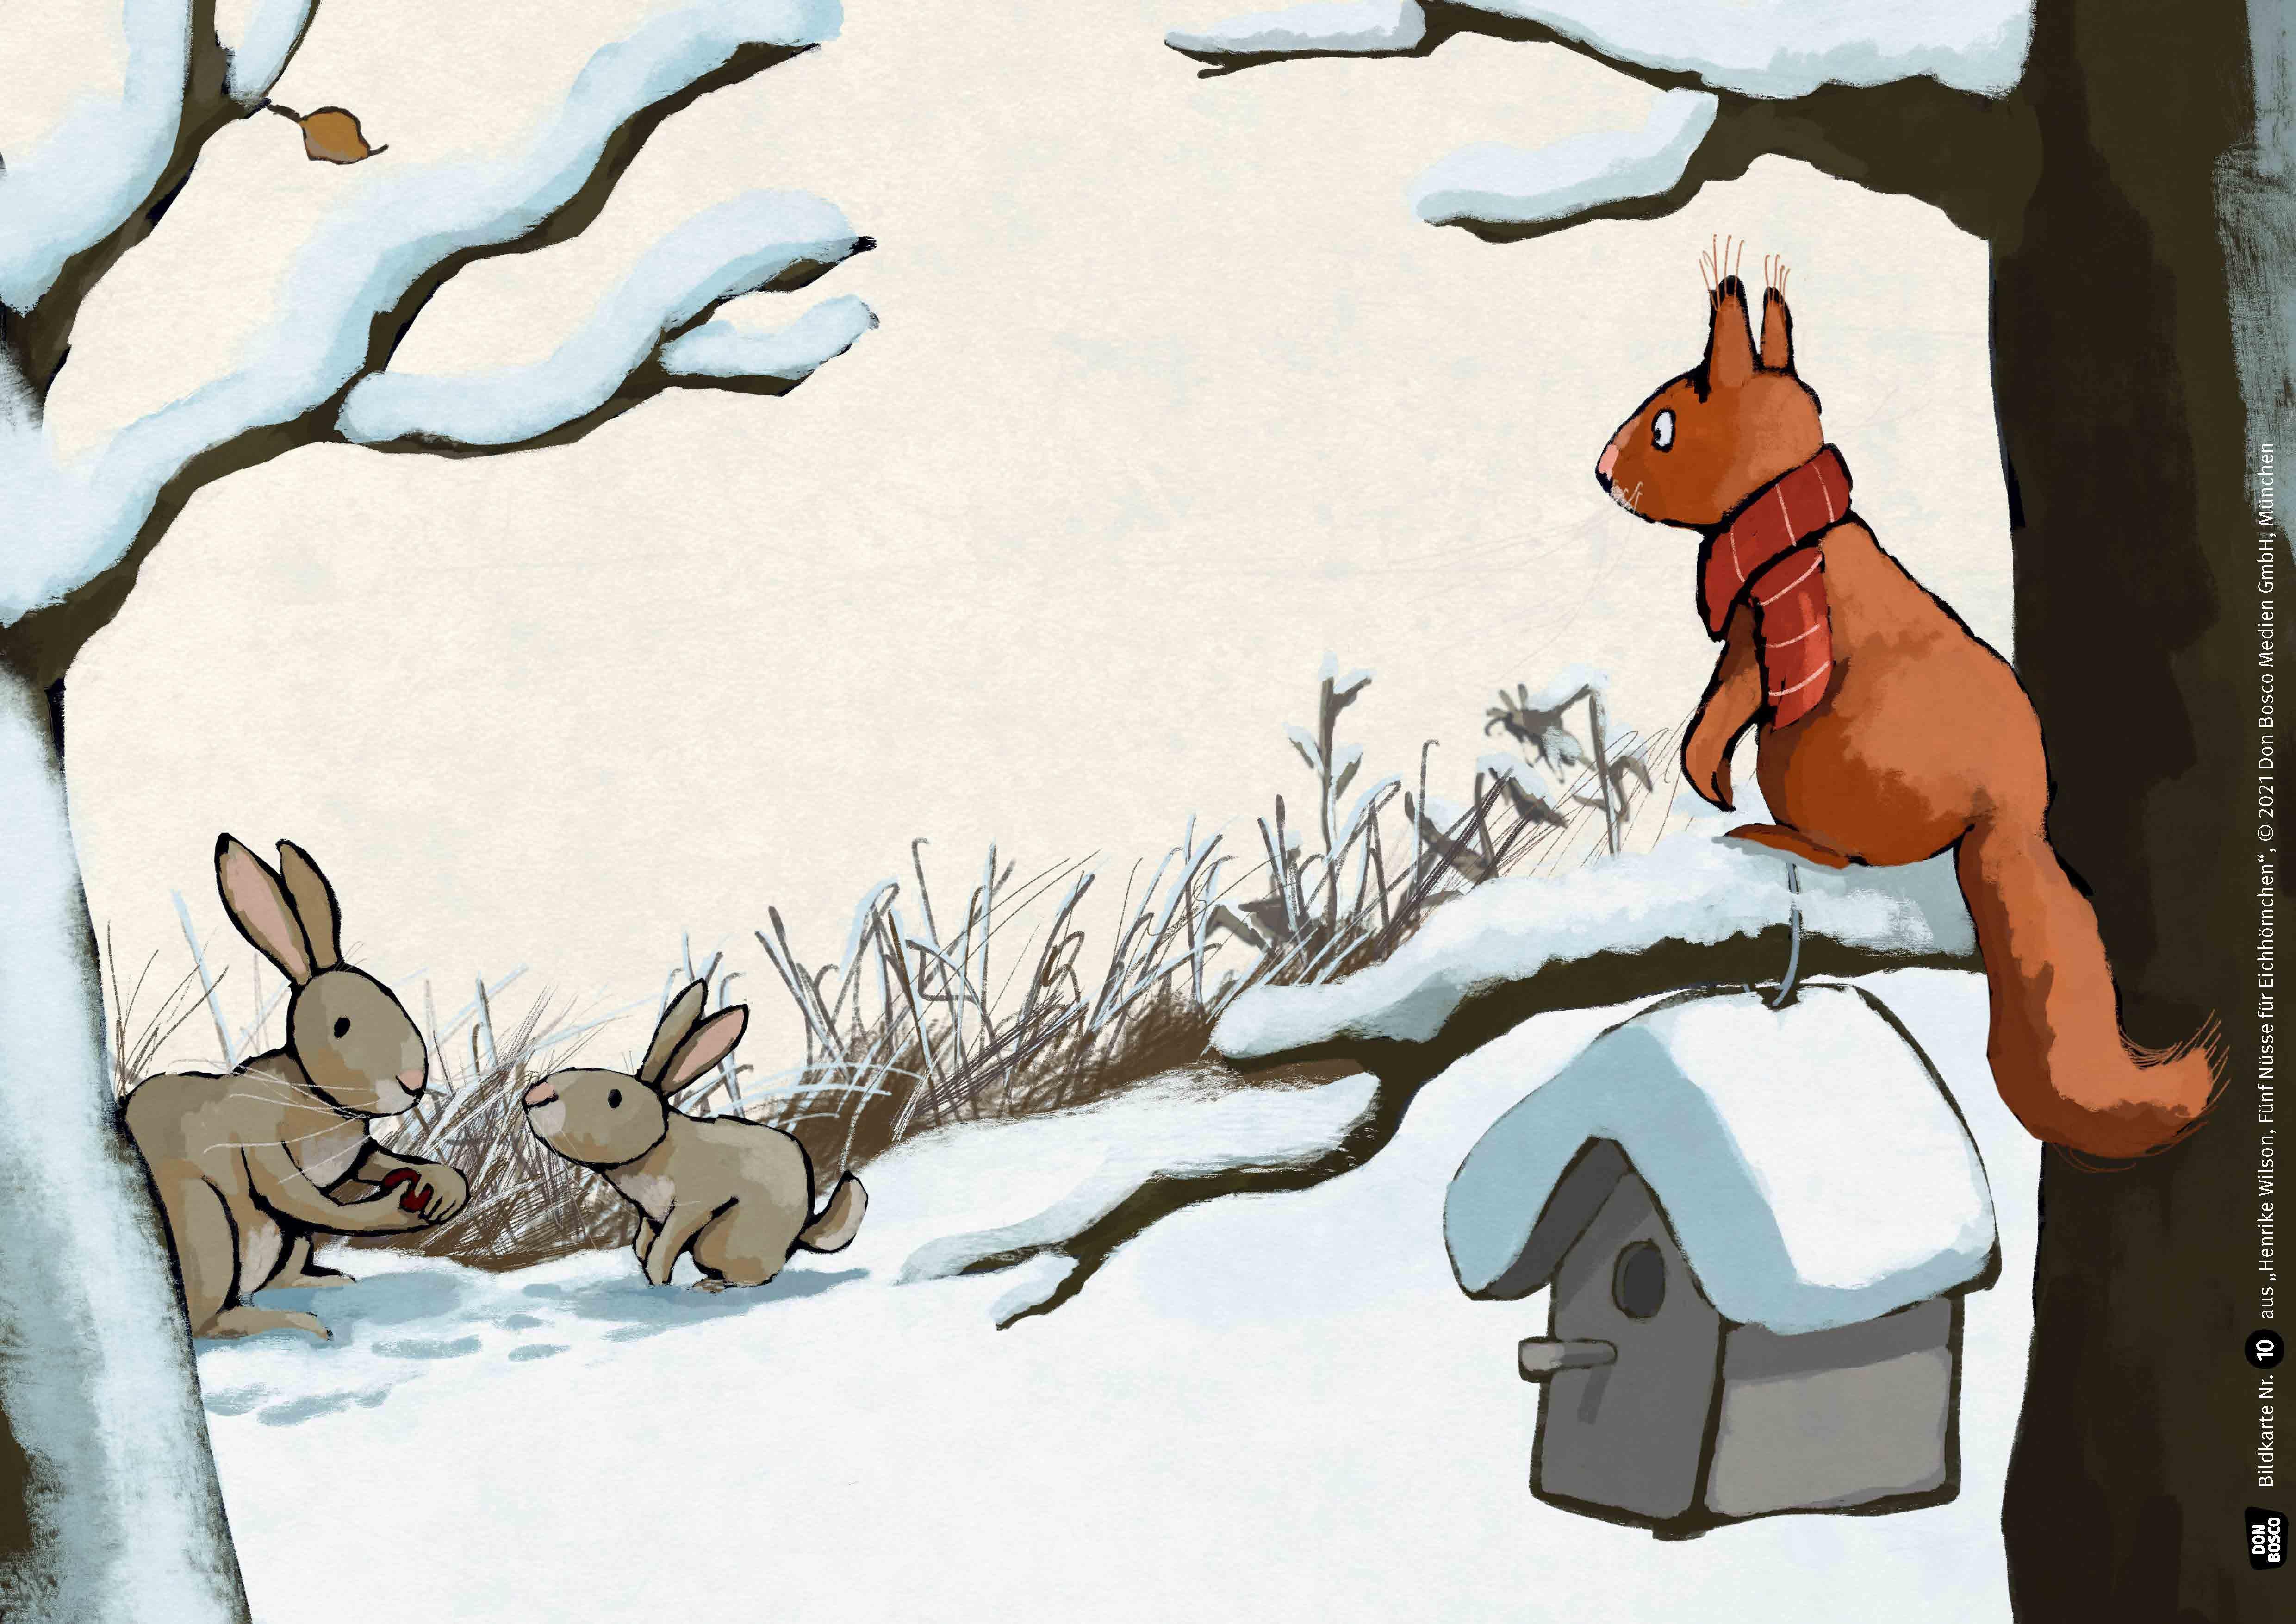 Innenansicht zu Fünf Nüsse für Eichhörnchen. Kamishibai Bildkartenset